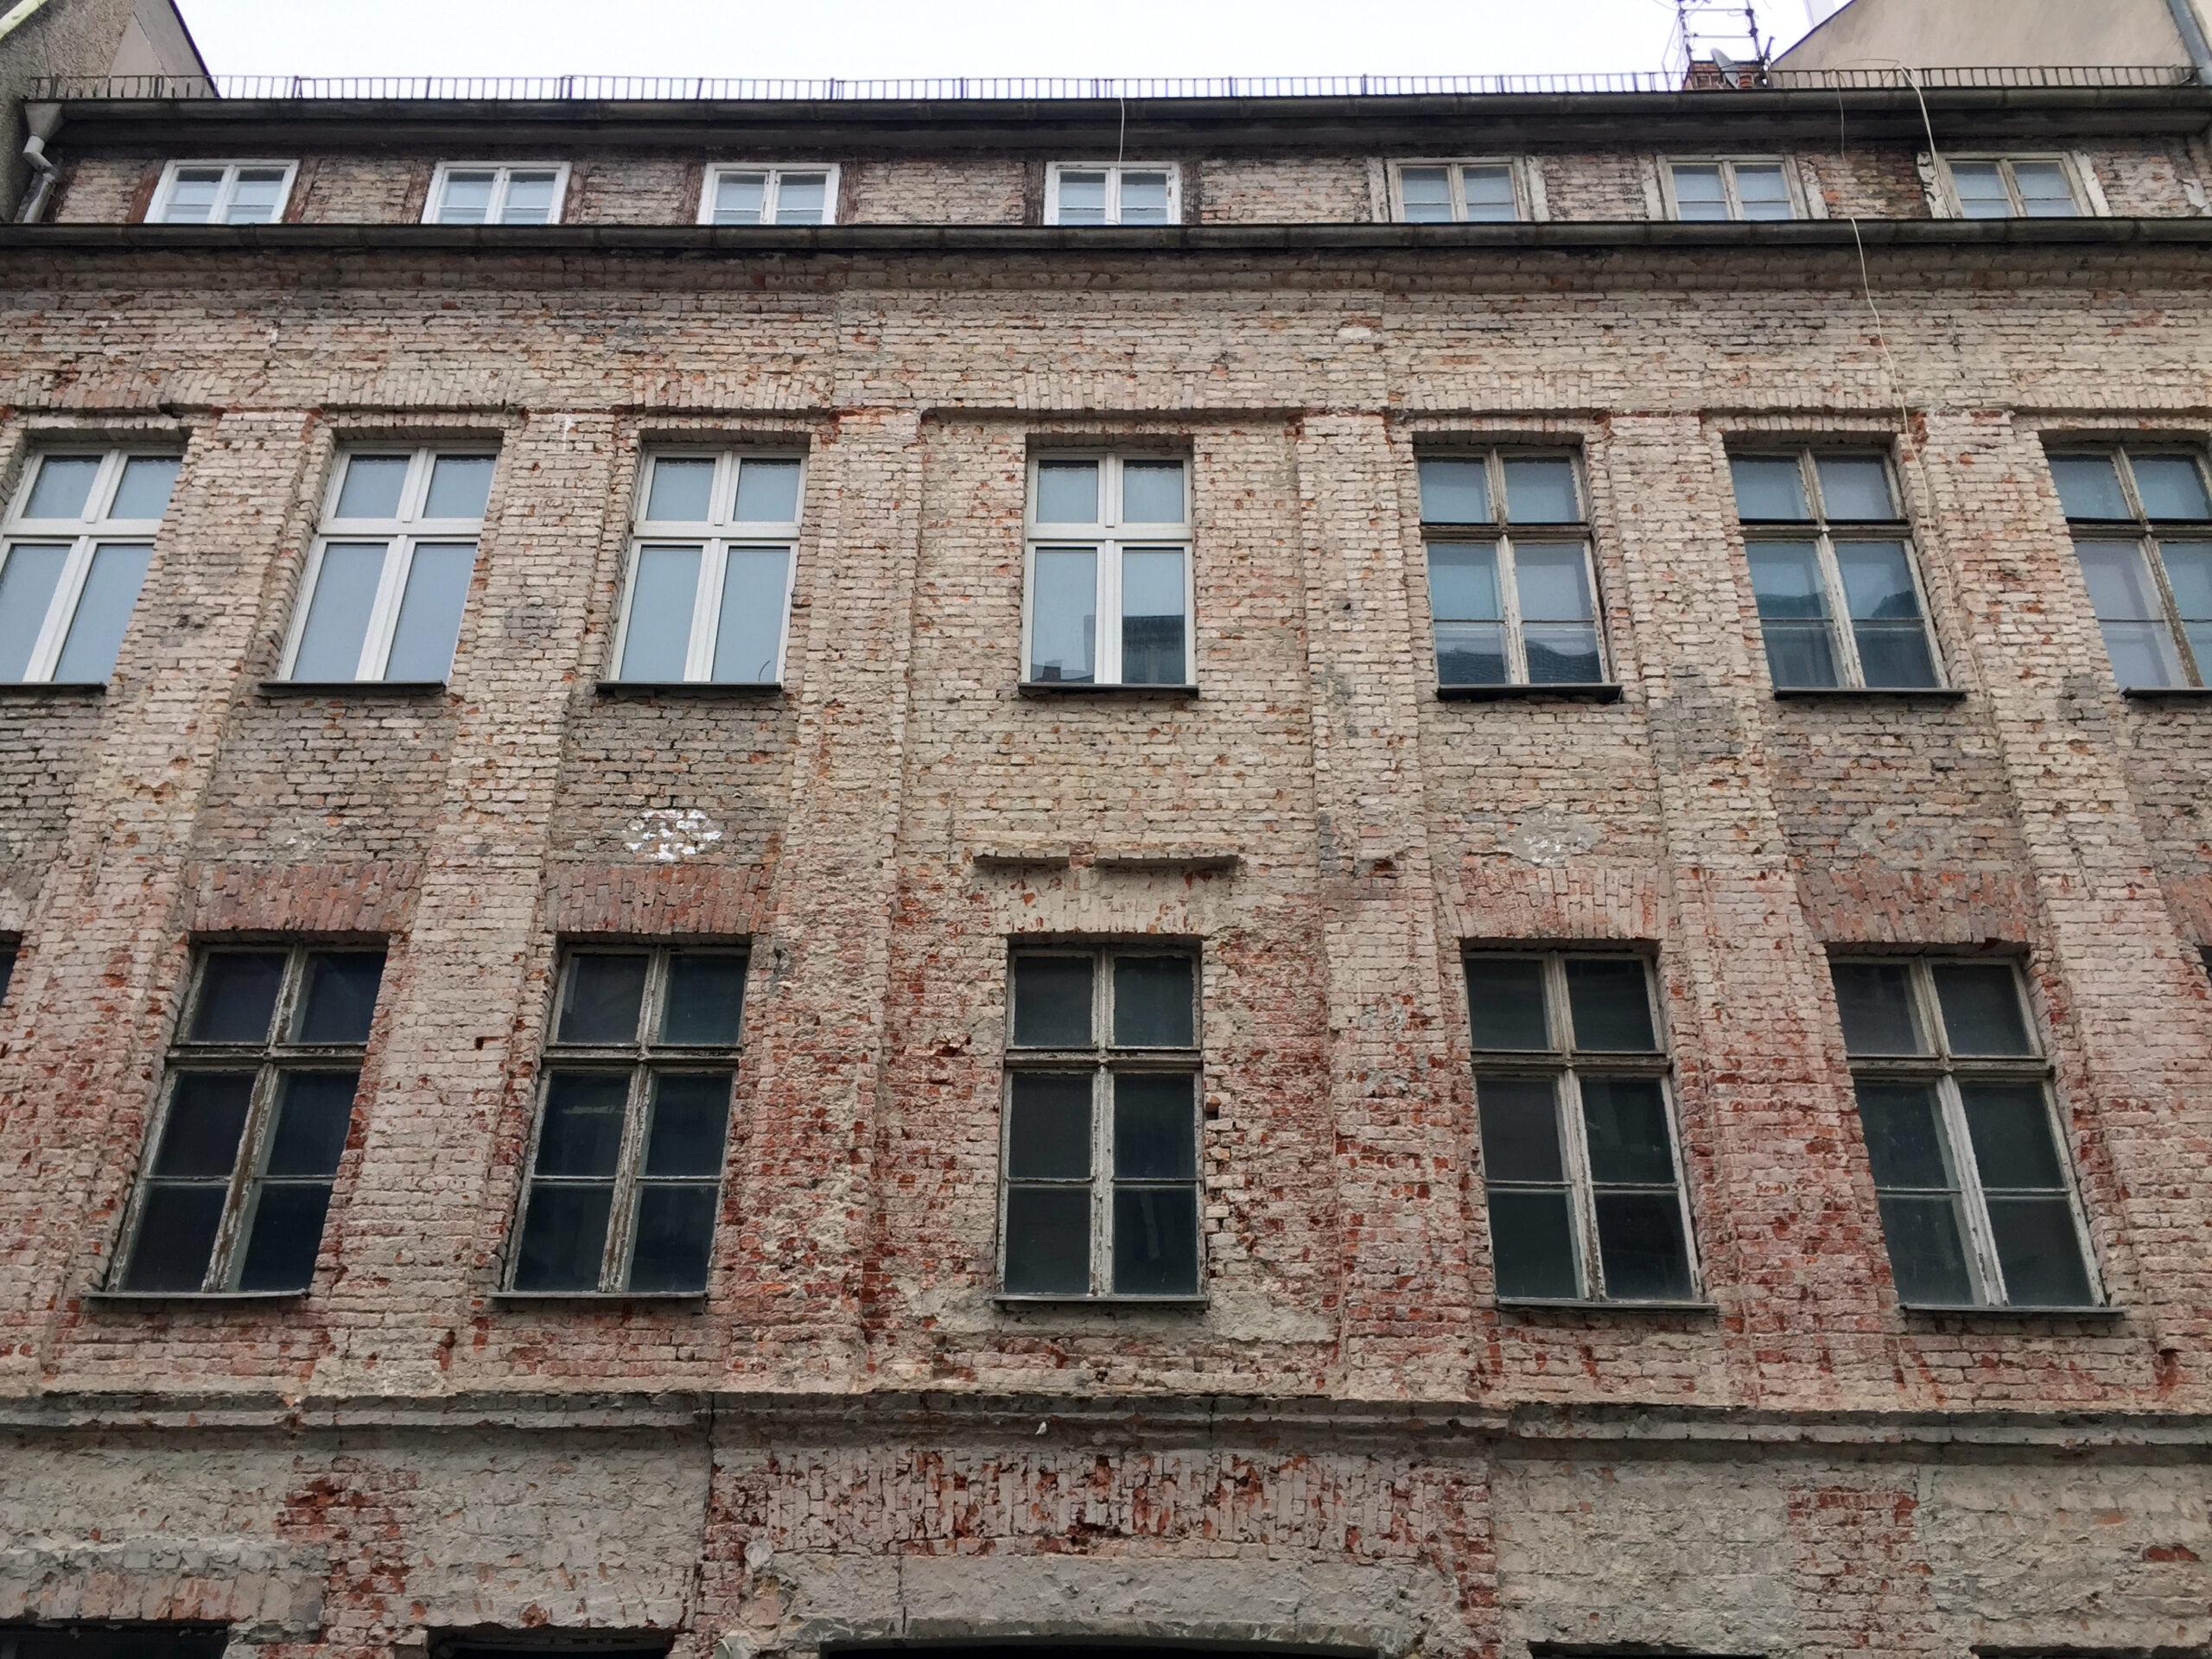 Altbauten in der Sophienstraße